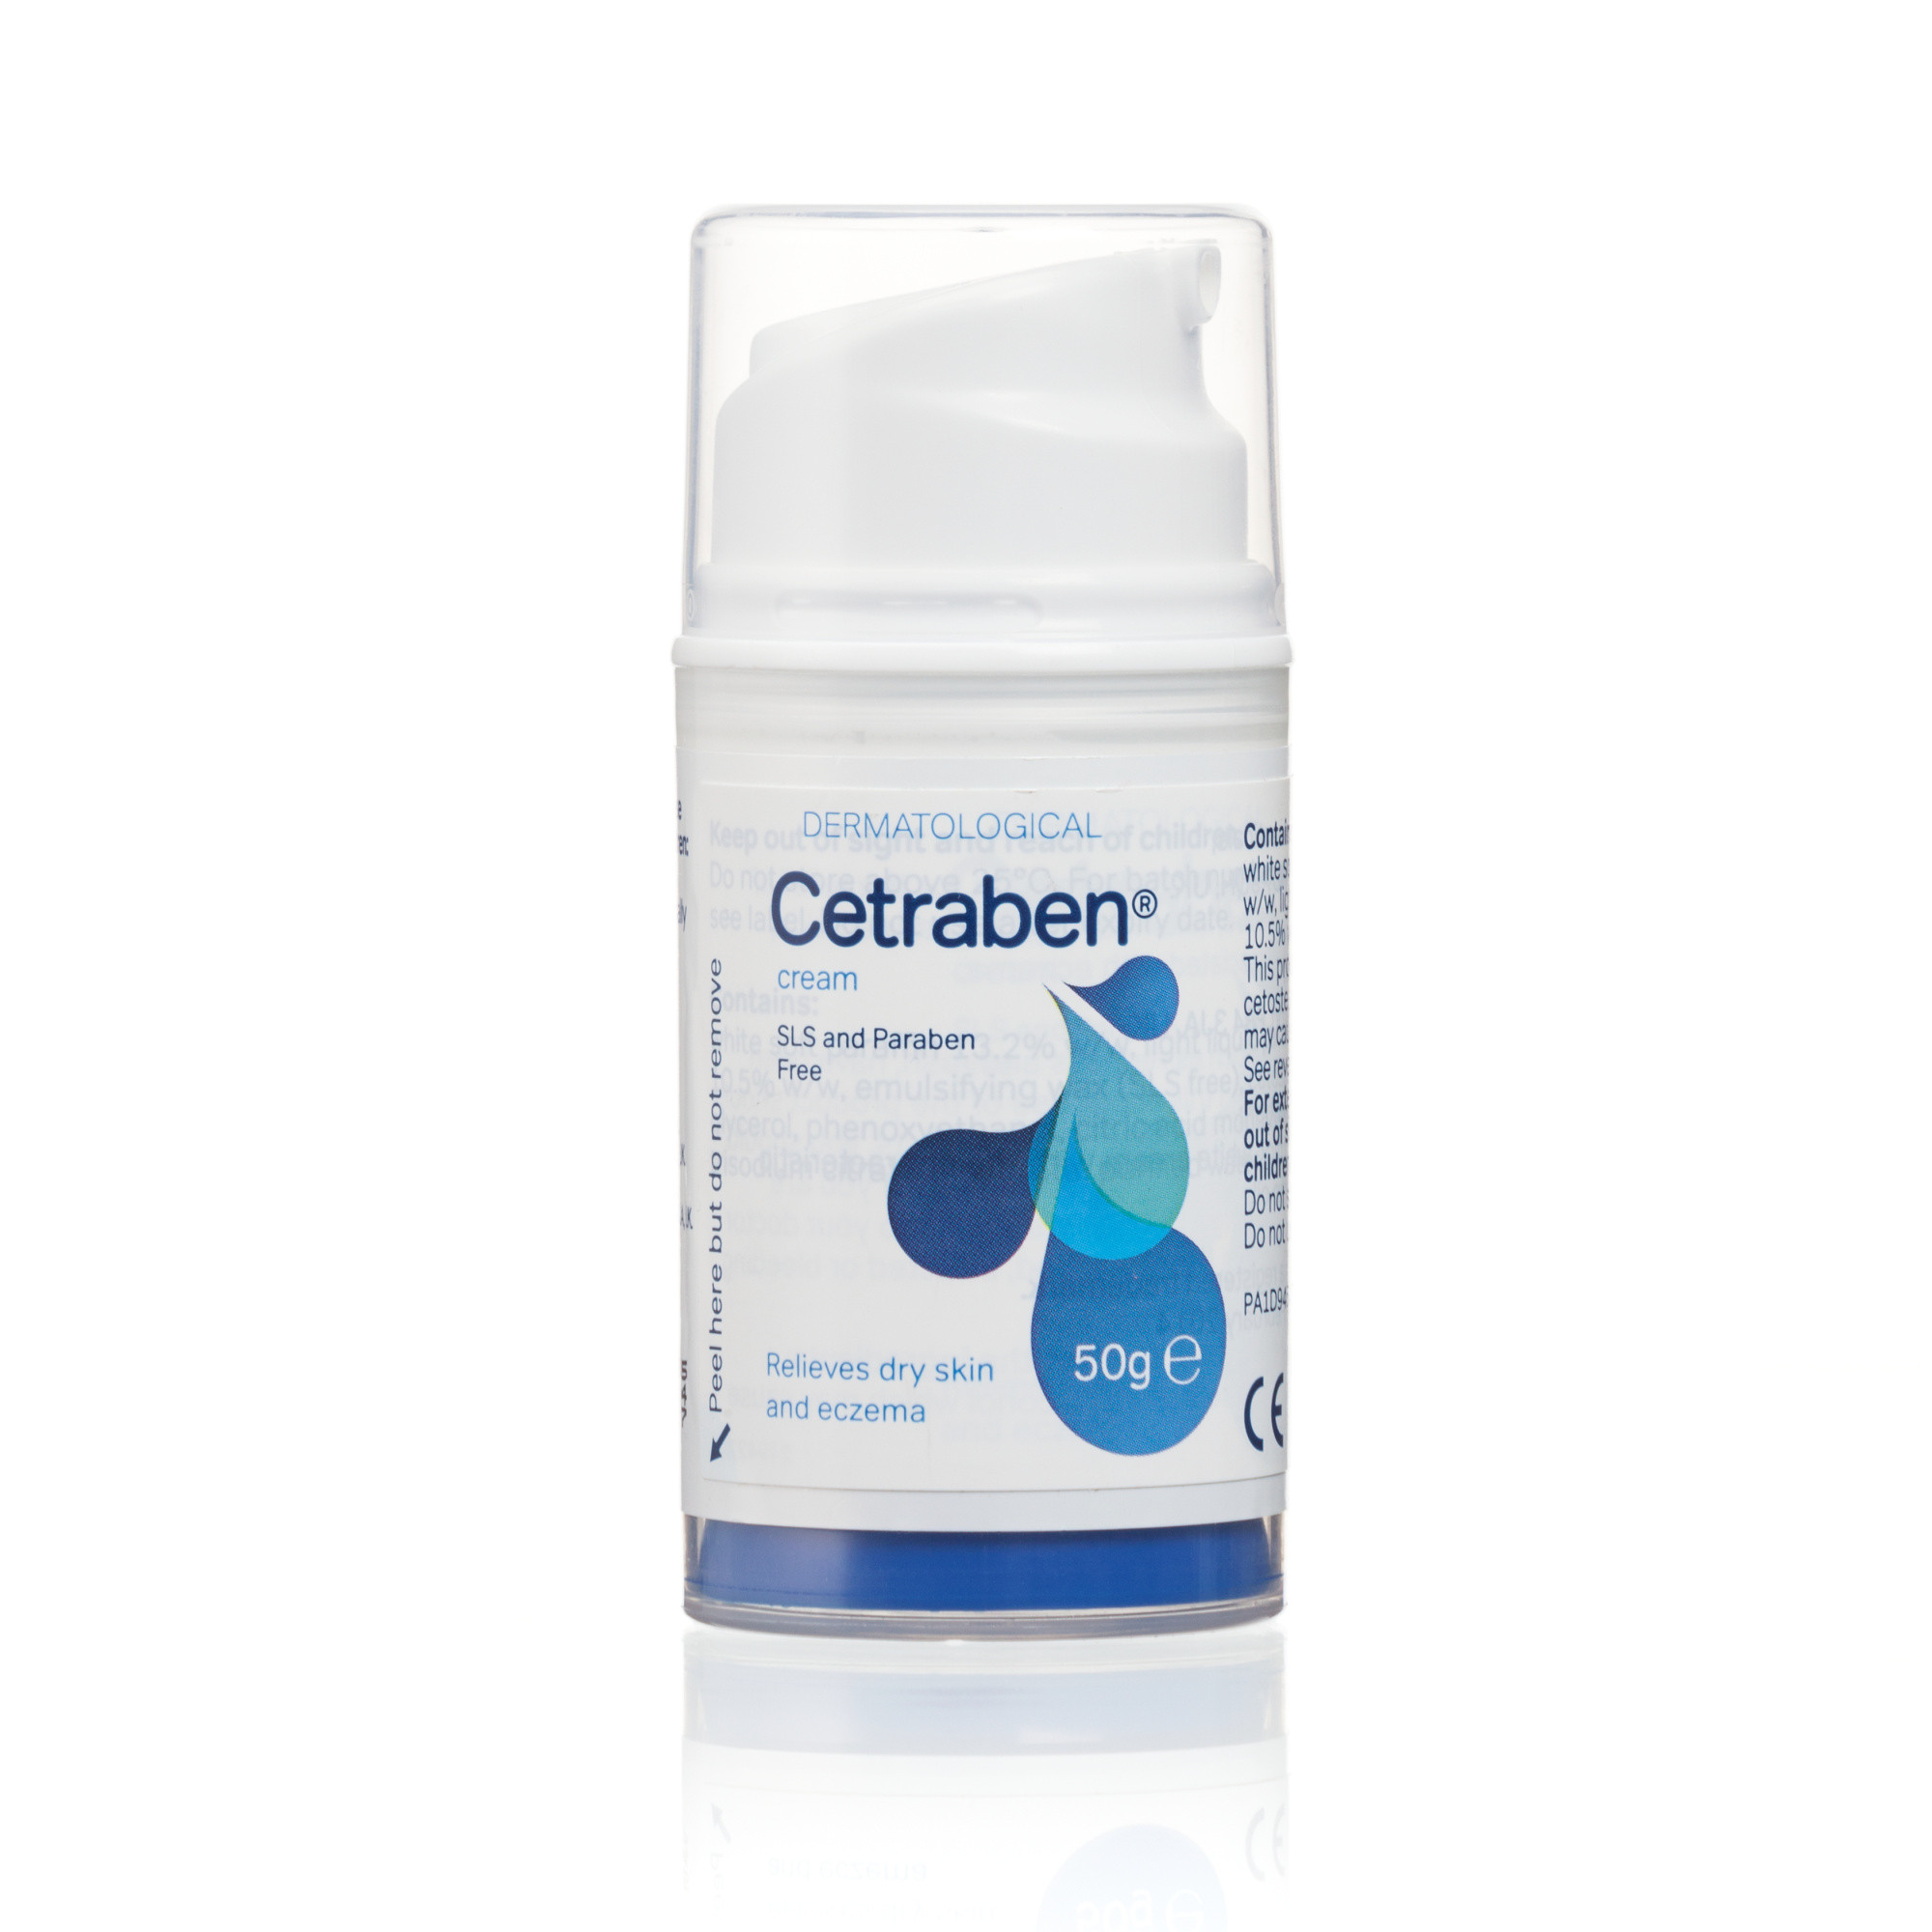 Cetraben-cream